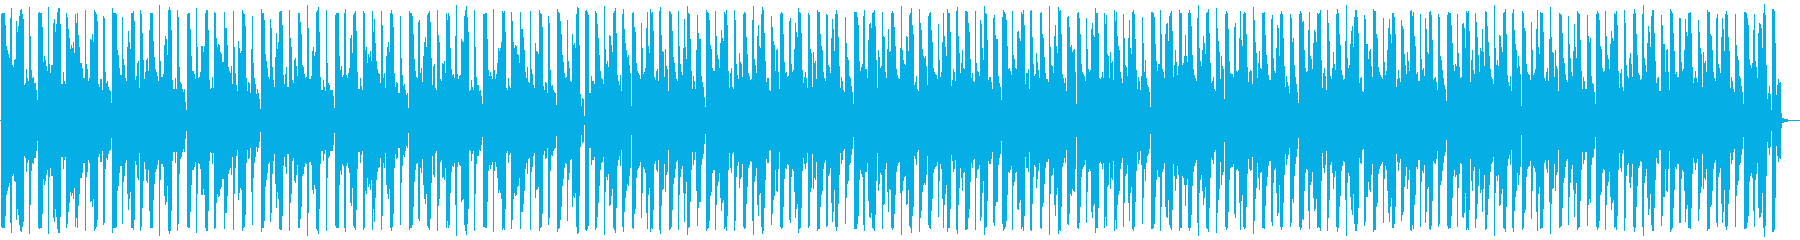 ゆったりとしたテクノ_No603_3の再生済みの波形